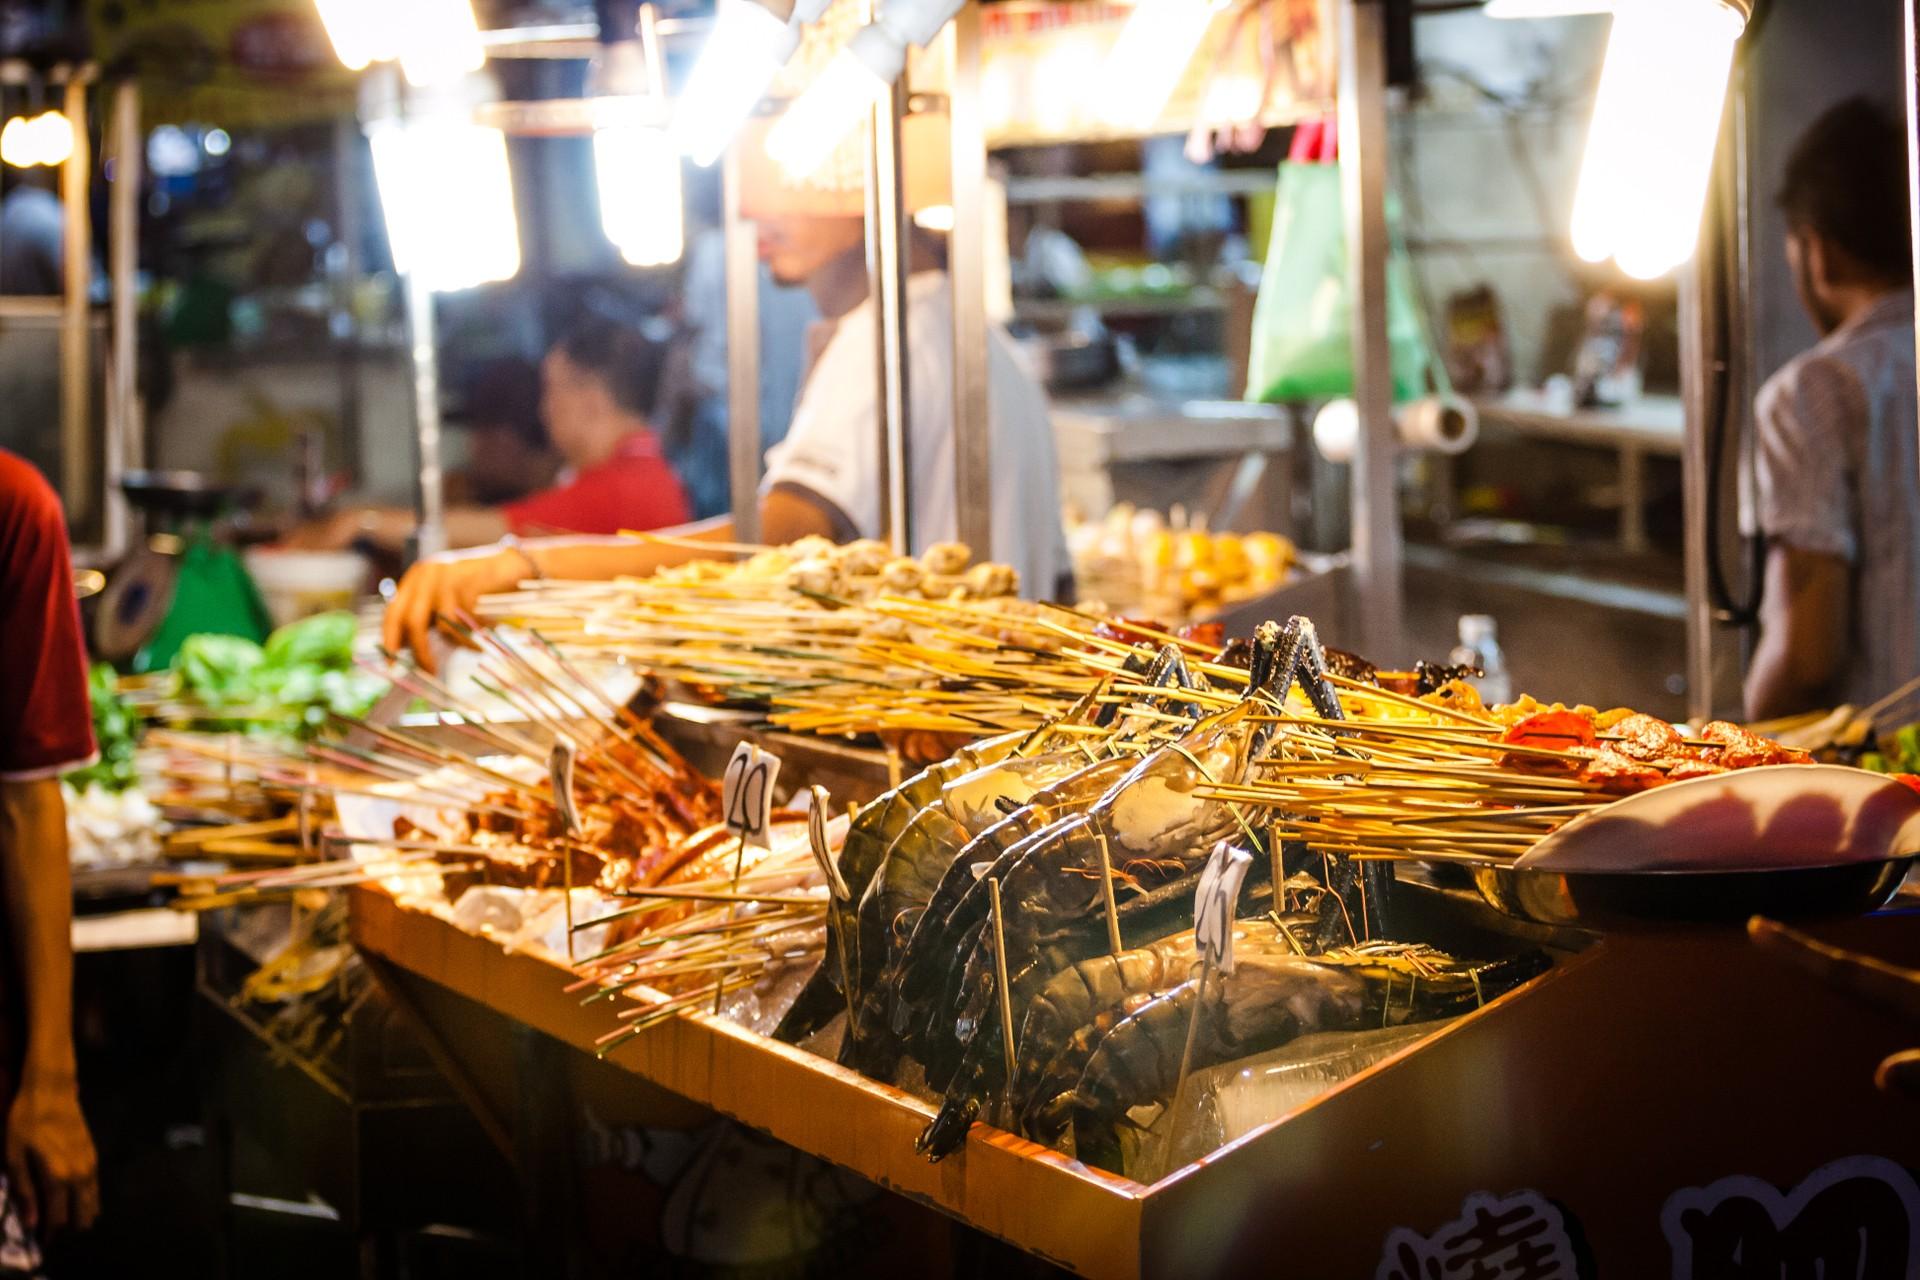 Malaysia food tour - seafood stall